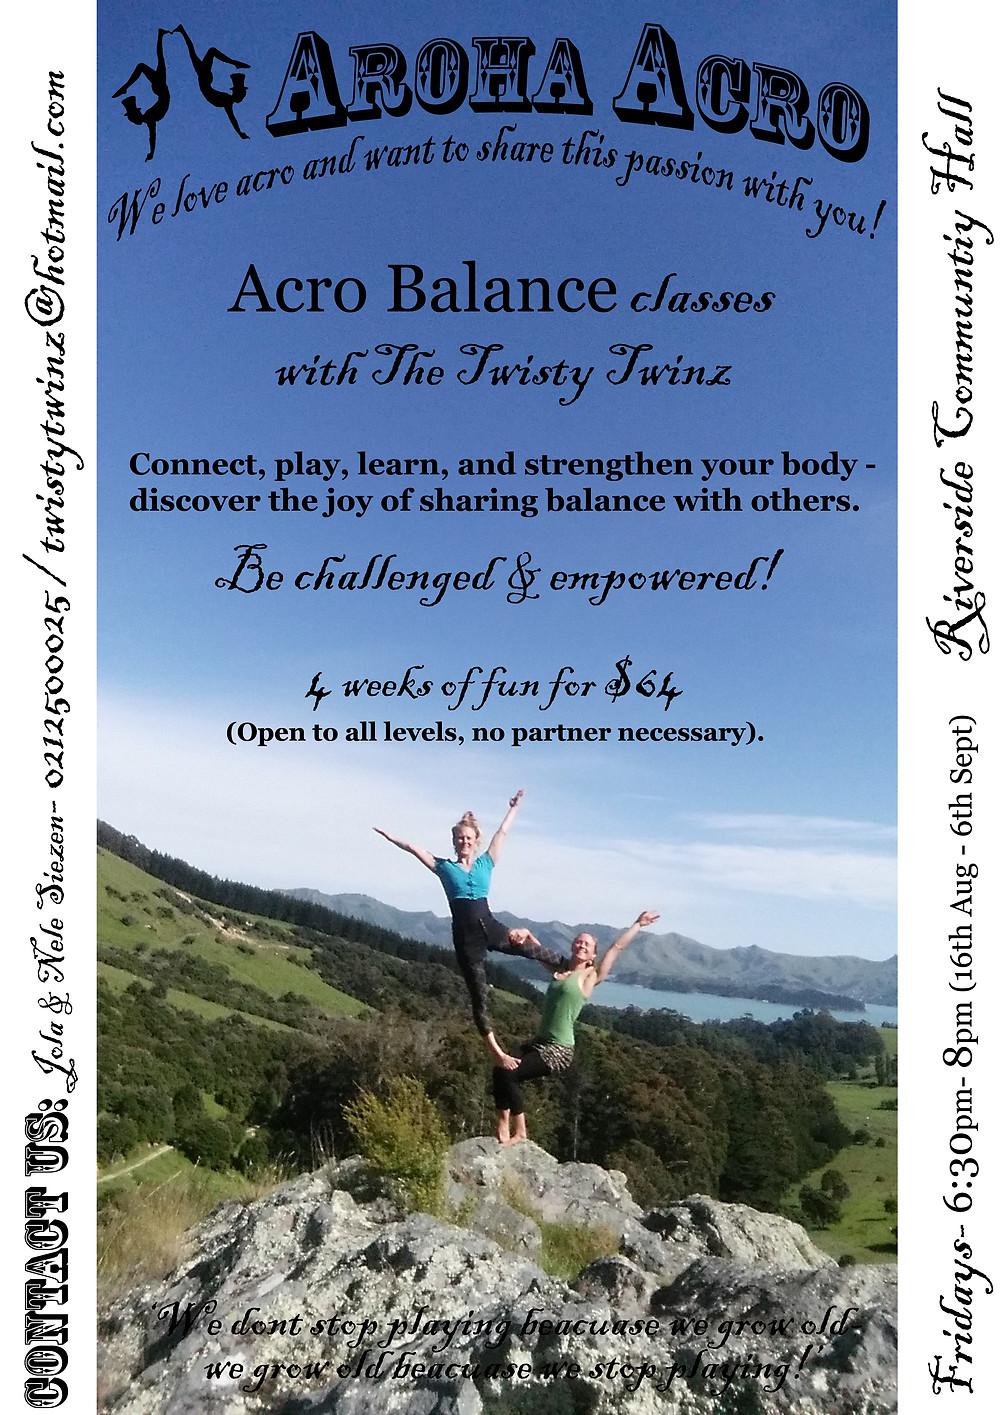 Aroha Acro Balance workshop poster